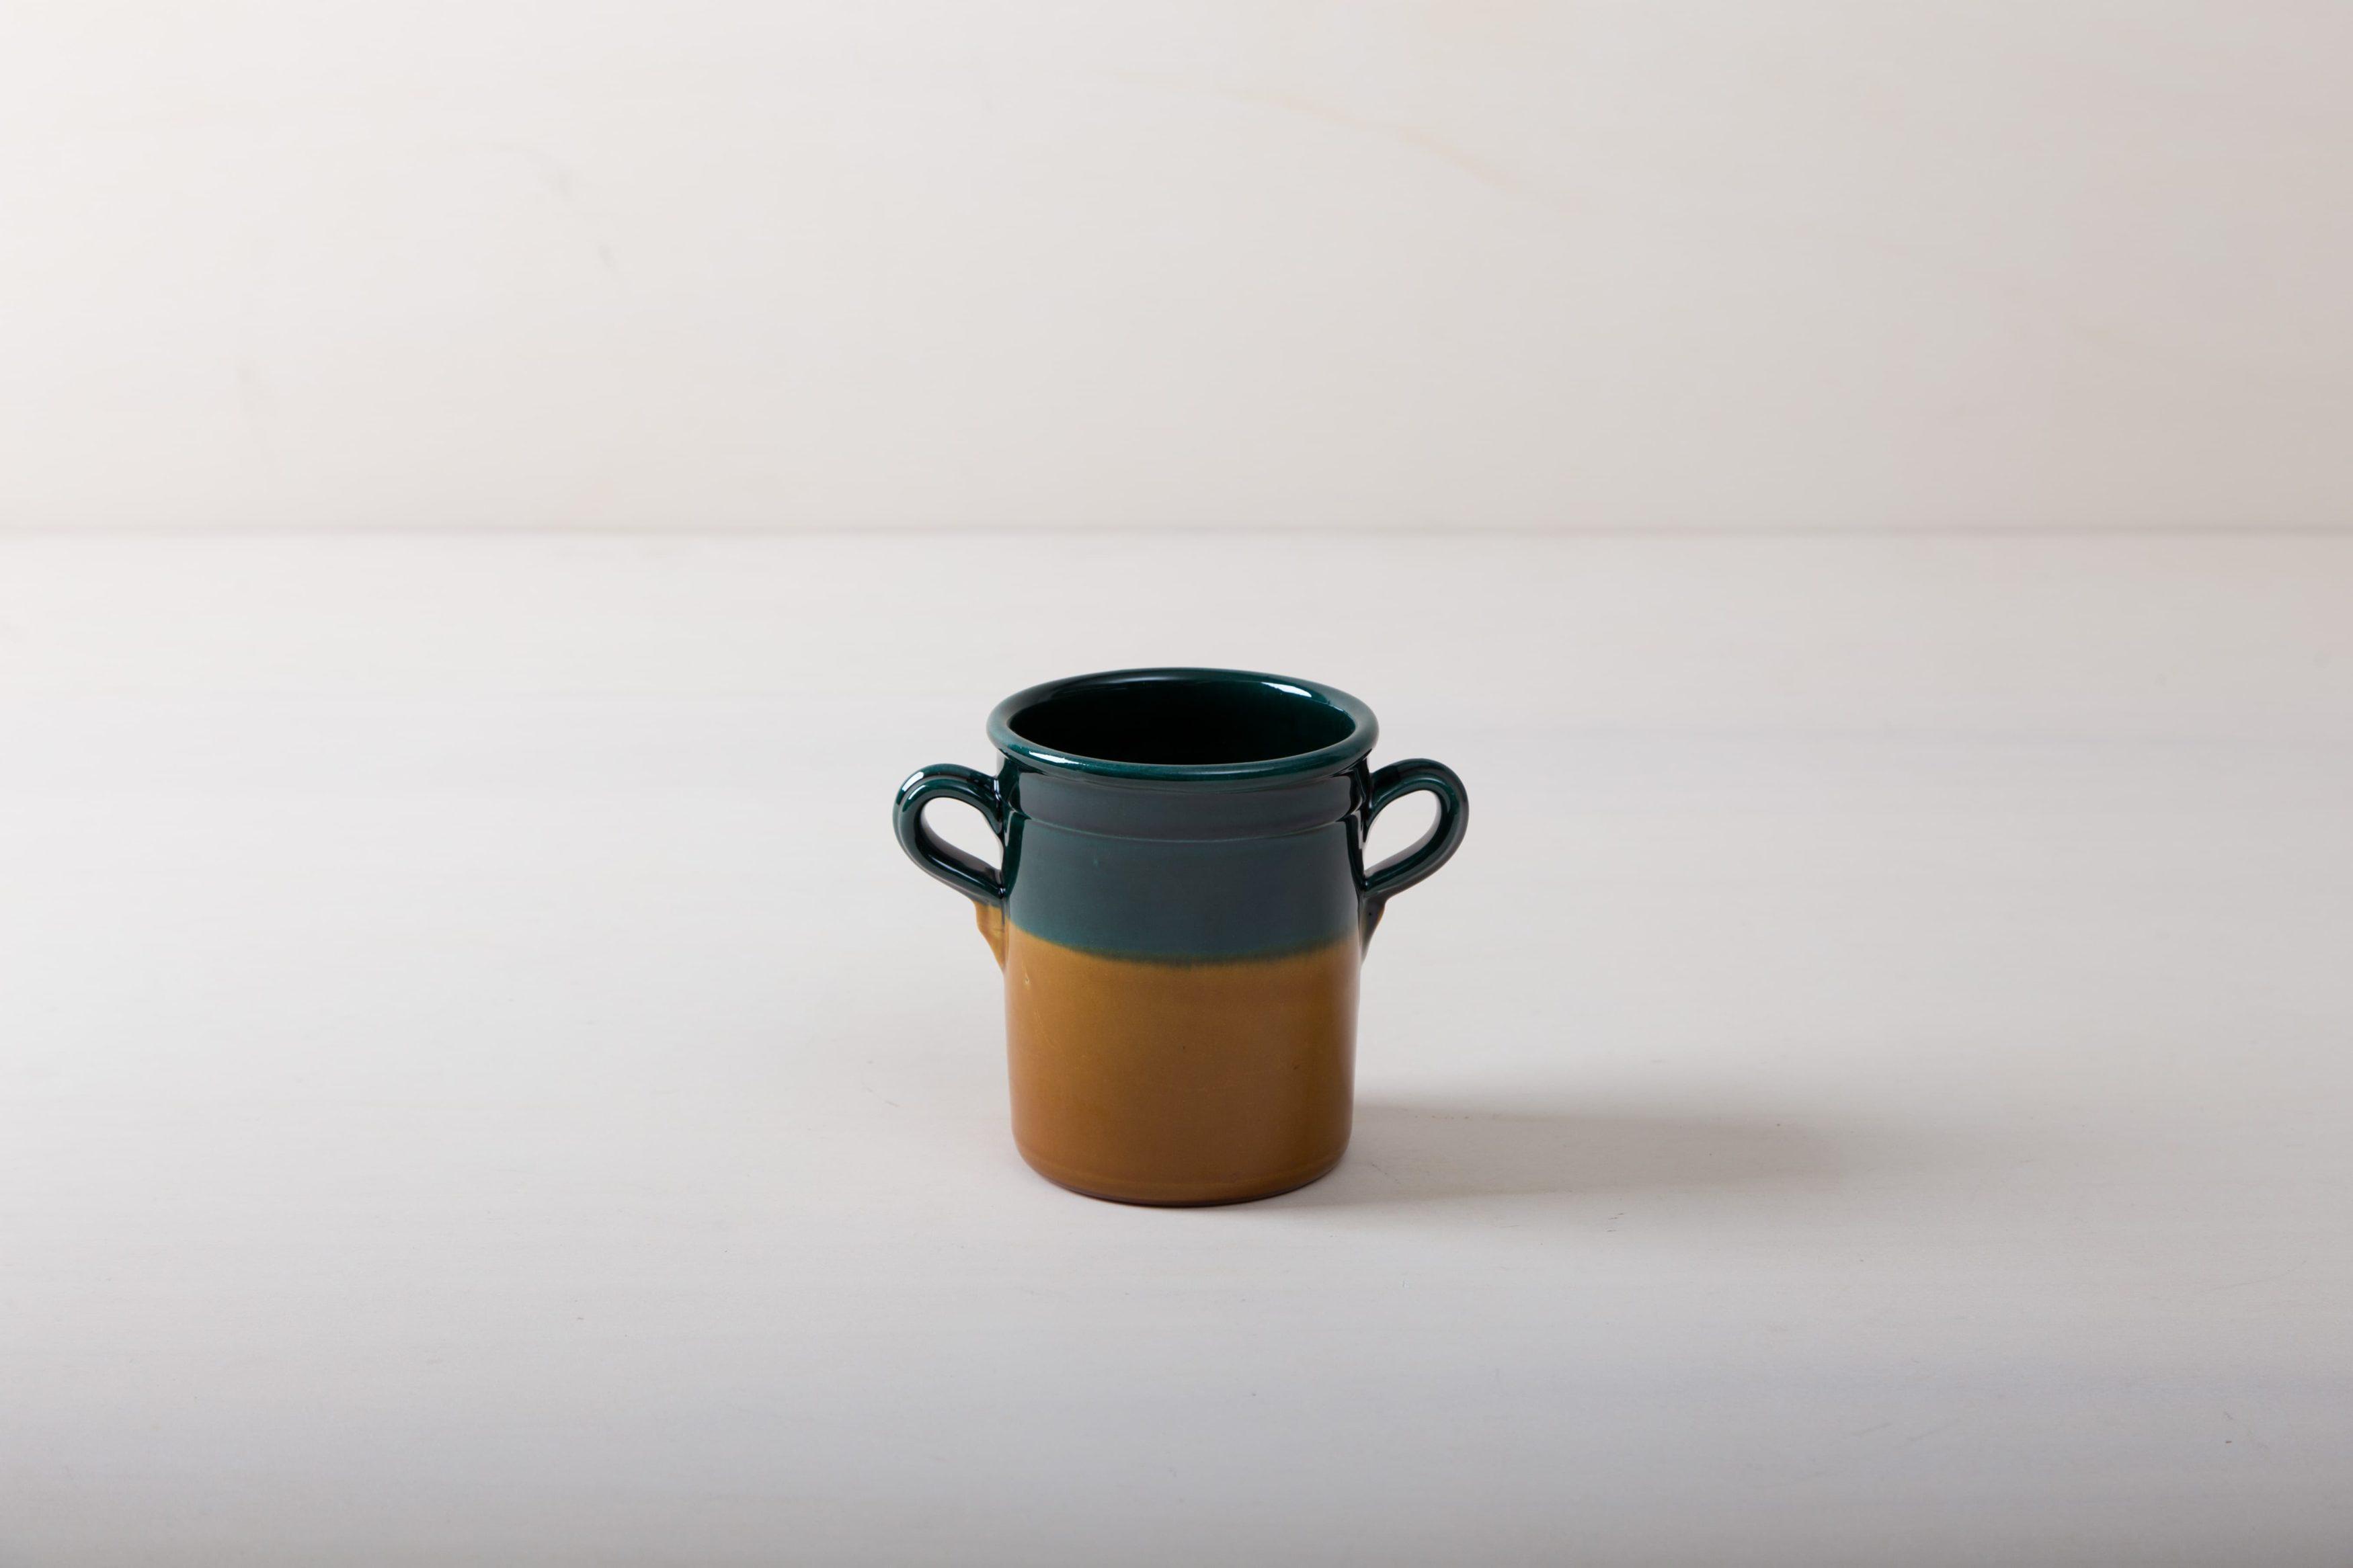 Diese moderne Vase hat eine wunderschöne grün, braune Färbung. Colome ist eine elegante Ergänzung jeder Tischdekoration. Ob mit einem netten Strauß, als Bestecktaufbewarung, elgeant oder rustikal. Vase Colome lässt sich wunderbar kombinieren und vielseitig einsetzen.